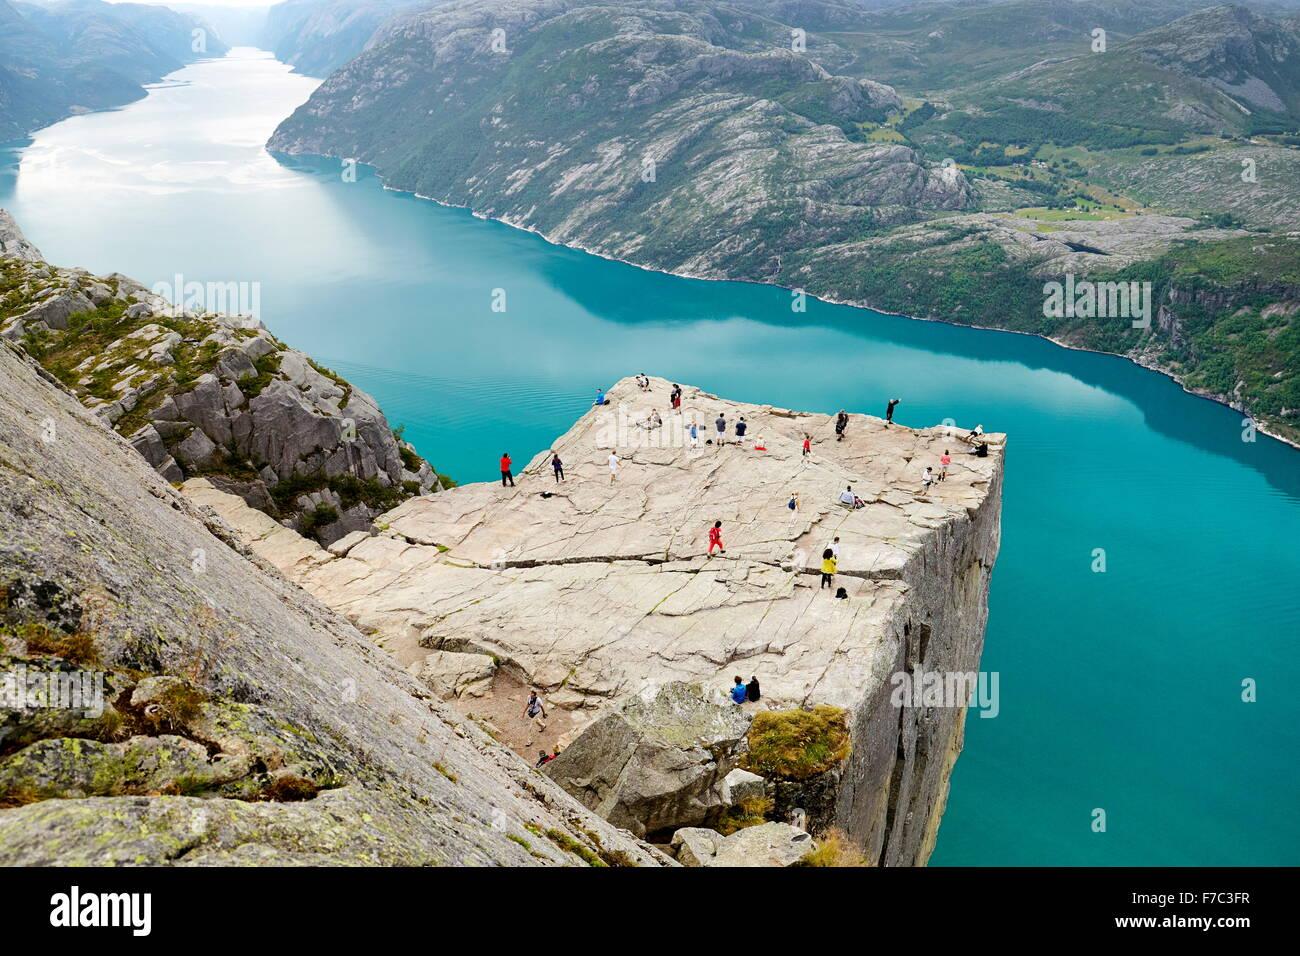 Paysage de Preikestolen Pulpit Rock, Lysefjorden, Norvège Photo Stock